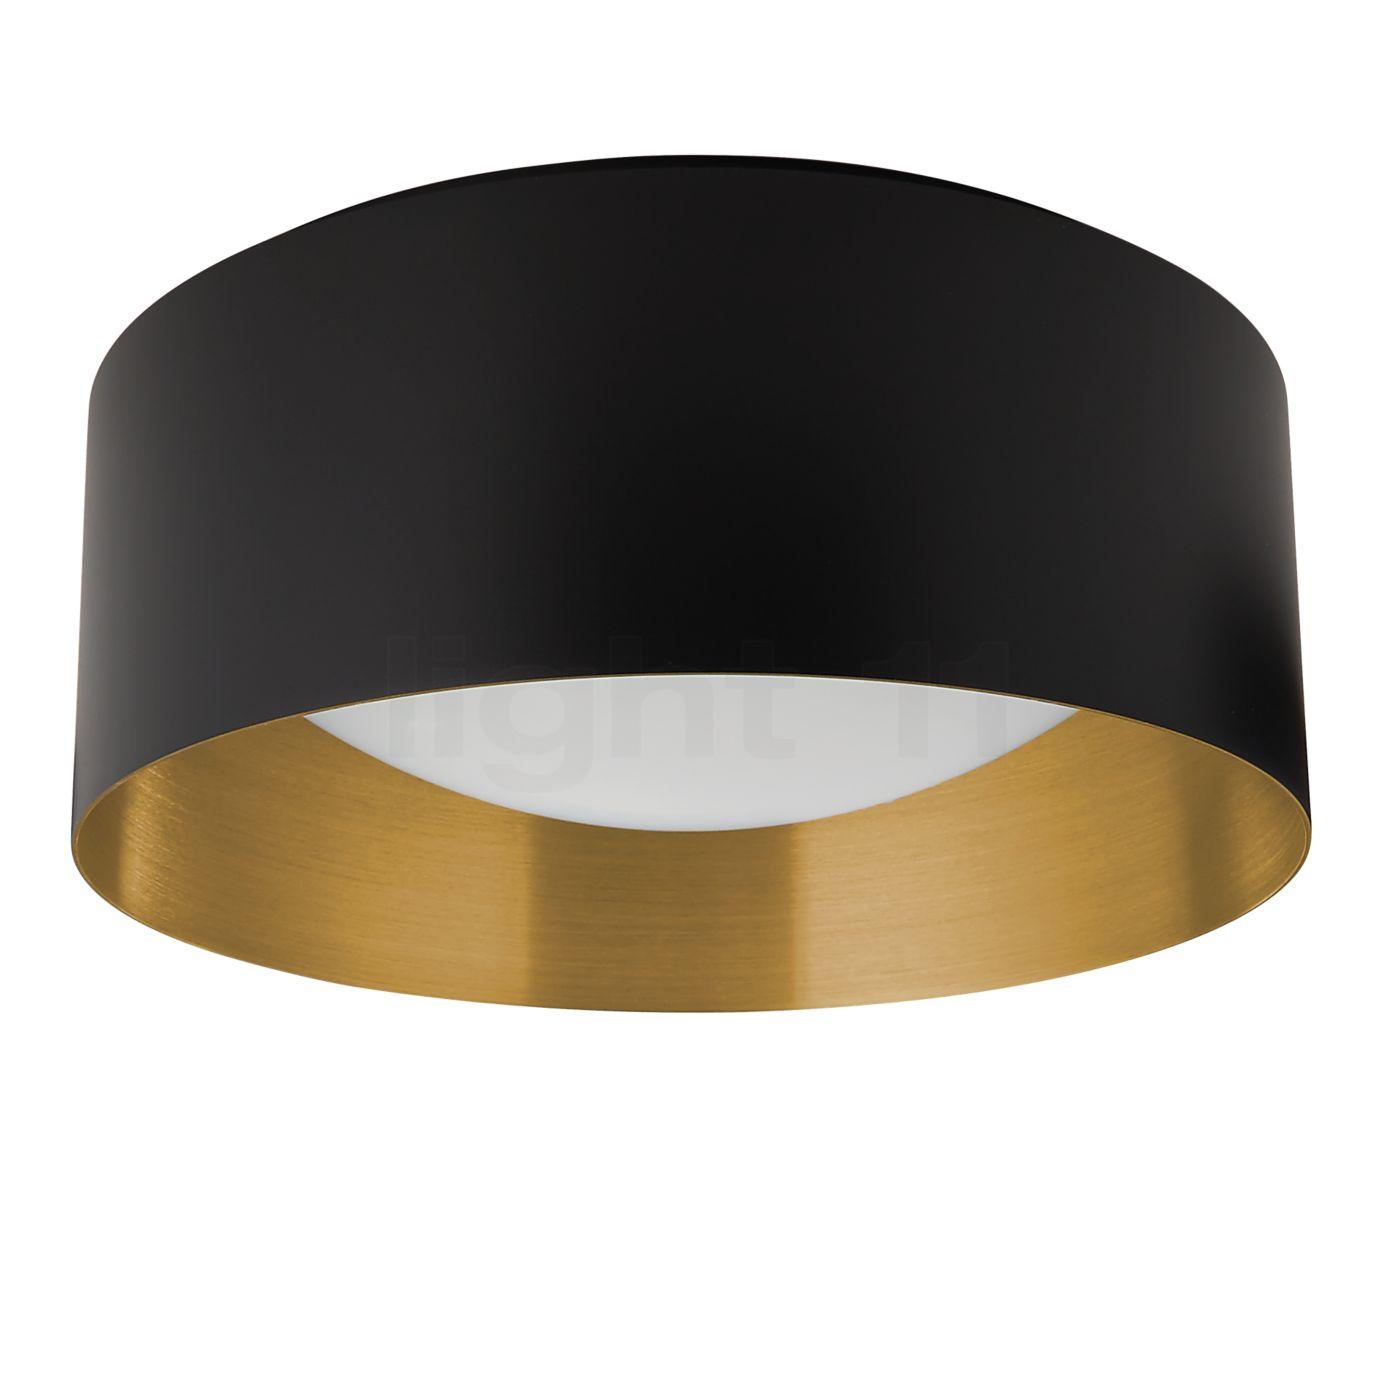 Bezaubernd Messing Deckenlampe Referenz Von